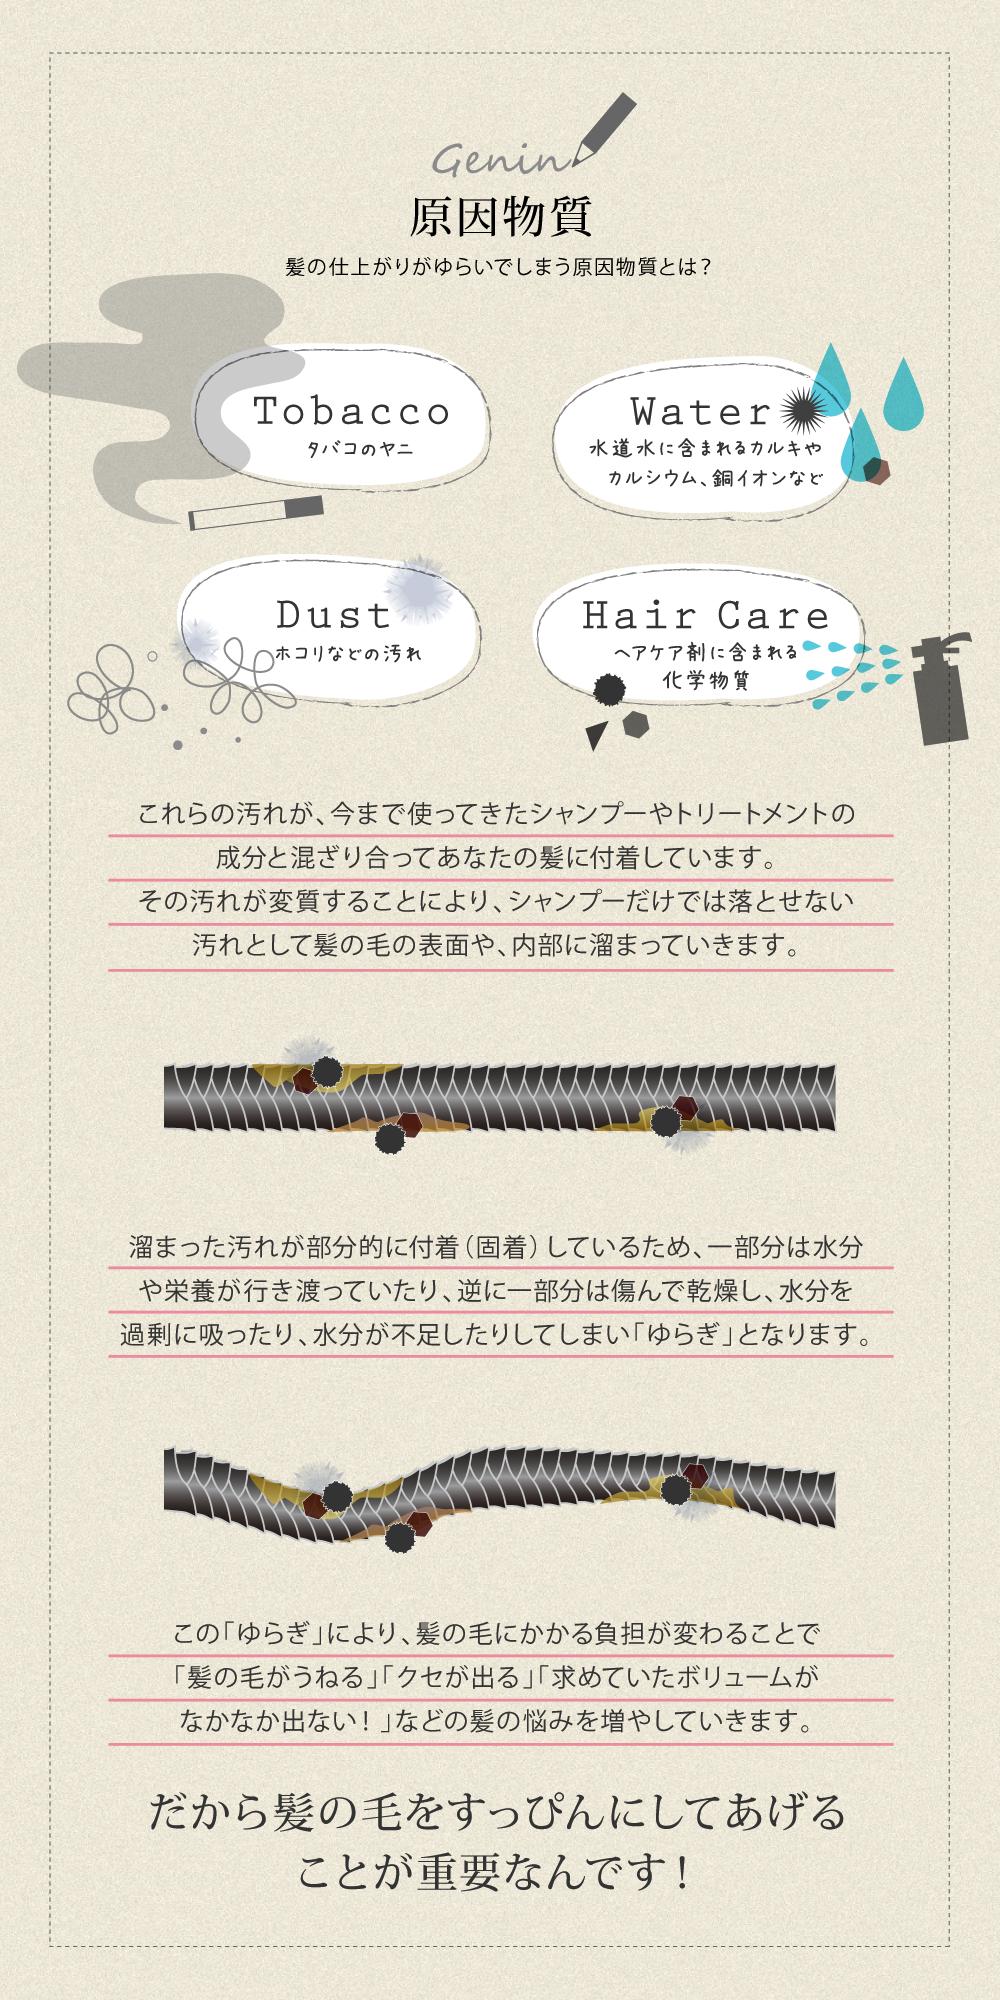 タバコのヤニ、ホコリや汚れ、ヘアケア剤に含まれる化学物質、水道水に含まれるカルキやカルシウム、銅イオンなどが、あなたの髪の仕上がりがゆらいでしまう原因。でも、原因となる物質をしっかりクレンジングできれば髪のトラブルを解消して、あなたのなりたい髪になることができます!